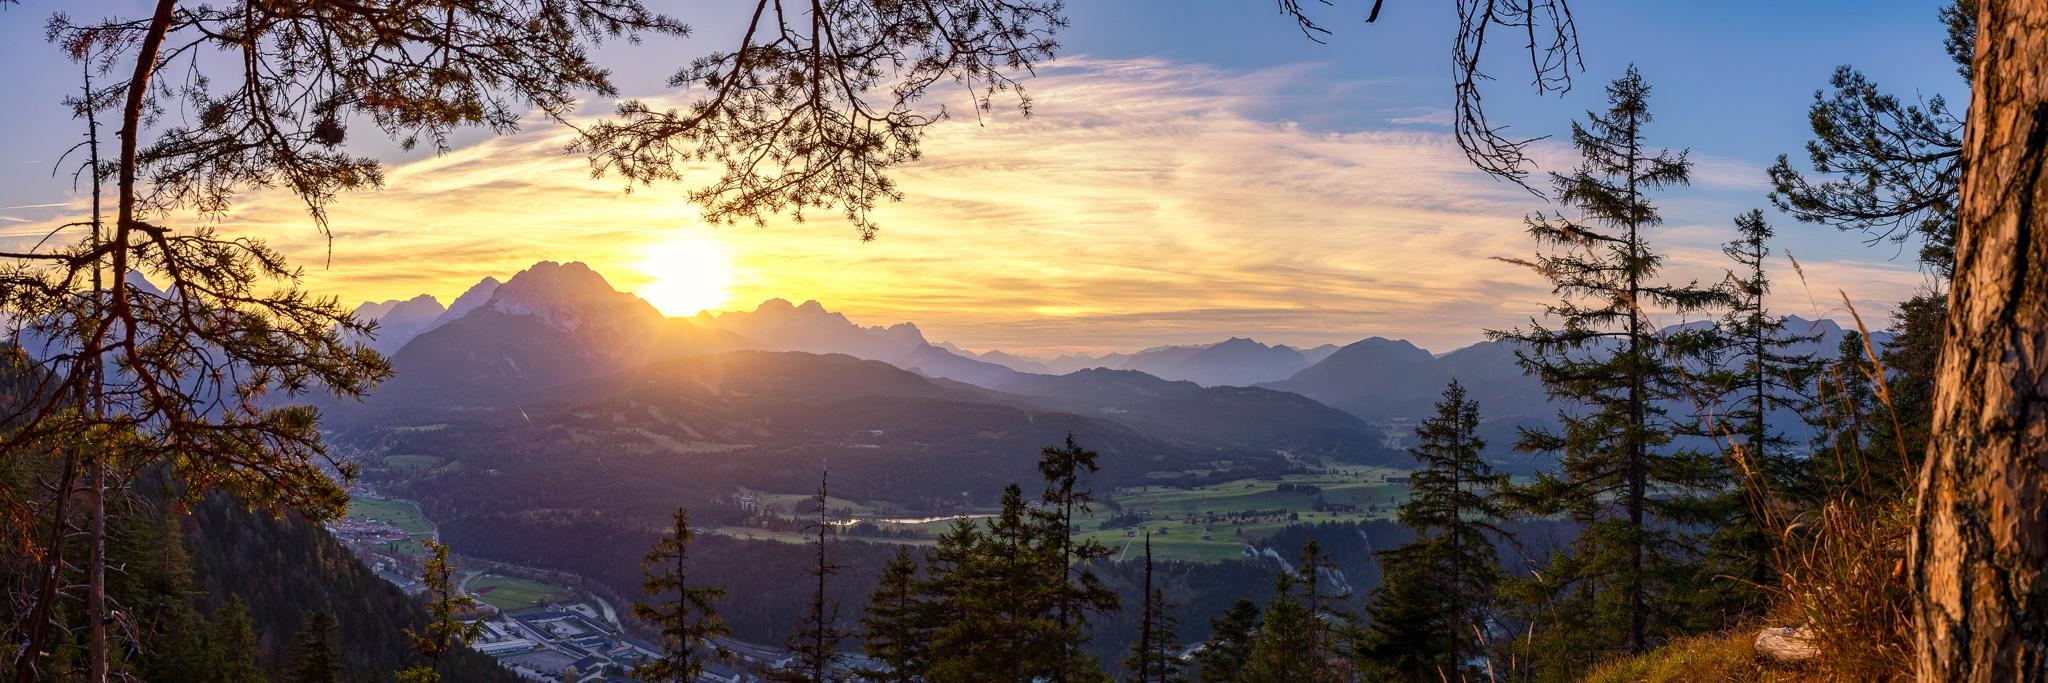 Mittenwald-Wettersteinblick